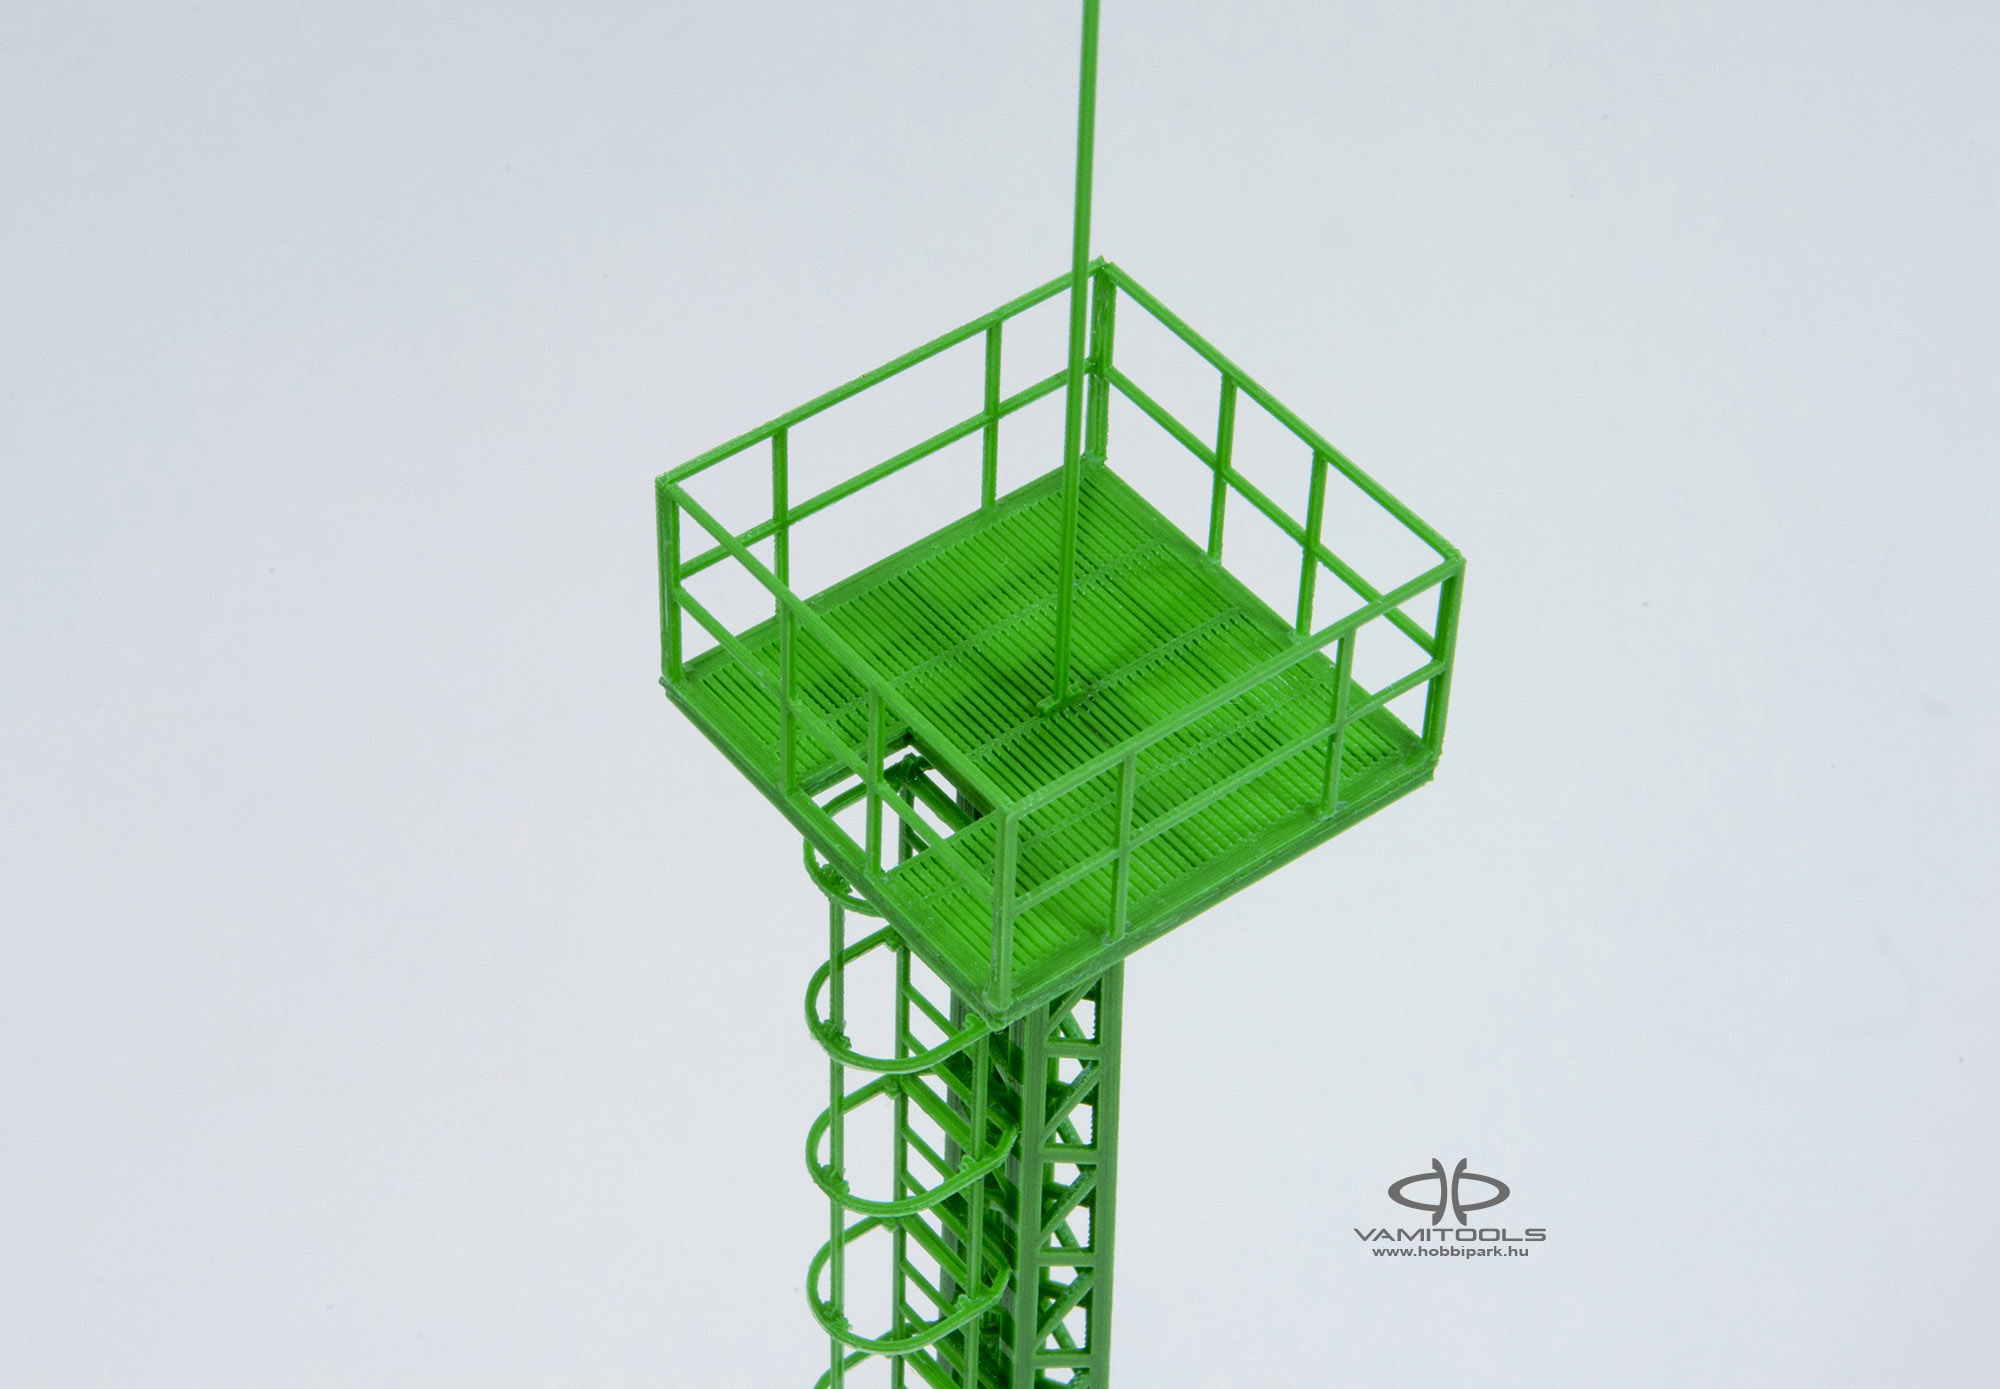 térvilágító oszlop, 20m-es térvilágító oszlop, 30m-es térvilágító oszlop, vasúti térvilágító oszlop, vasúti 20m-es térvilágító oszlop, vasúti 30m-es térvilágító oszlop, terepasztal, dioráma, H0 térvilágító oszlop, H0 20m-es térvilágító oszlop, H0 30m-es térvilágító oszlop, H0 vasúti térvilágító oszlop, H0 vasúti 20m-es térvilágító oszlop, H0 vasúti 30m-es térvilágító oszlop, H0 terepasztal, H0 dioráma, 1:87 térvilágító oszlop, 1:87 20m-es térvilágító oszlop, 1:87 30m-es térvilágító oszlop, 1:87 vasúti térvilágító oszlop, 1:87 vasúti 20m-es térvilágító oszlop, 1:87 vasúti 30m-es térvilágító oszlop, 1:87 terepasztal, 1:87 dioráma, TT térvilágító oszlop, TT 20m-es térvilágító oszlop, TT 30m-es térvilágító oszlop, TT vasúti térvilágító oszlop, TT vasúti 20m-es térvilágító oszlop, TT vasúti 30m-es térvilágító oszlop, TT terepasztal, TT dioráma, 1:120 térvilágító oszlop, 1:120 20m-es térvilágító oszlop, 1:120 30m-es térvilágító oszlop, 1:120 vasúti térvilágító oszlop, 1:120 vasúti 20m-es térvilágító oszlop, 1:120 vasúti 30m-es térvilágító oszlop, 1:120 terepasztal, 1:120 dioráma, N térvilágító oszlop, N 20m-es térvilágító oszlop, N 30m-es térvilágító oszlop, N vasúti térvilágító oszlop, N vasúti 20m-es térvilágító oszlop, N vasúti 30m-es térvilágító oszlop, N terepasztal, N dioráma, 1:160 térvilágító oszlop, 1:160 20m-es térvilágító oszlop, 1:160 30m-es térvilágító oszlop, 1:160 vasúti térvilágító oszlop, 1:160 vasúti 20m-es térvilágító oszlop, 1:160 vasúti 30m-es térvilágító oszlop, 1:160 terepasztal, 1:160 dioráma, modell térvilágító oszlop, modell 20m-es térvilágító oszlop, modell 30m-es térvilágító oszlop, modell vasúti térvilágító oszlop, modell vasúti 20m-es térvilágító oszlop, modell vasúti 30m-es térvilágító oszlop, modell terepasztal, modell dioráma, makett térvilágító oszlop, makett 20m-es térvilágító oszlop, makett 30m-es térvilágító oszlop, makett vasúti térvilágító oszlop, makett vasúti 20m-es térvilágító oszlop, makett vasúti 30m-es térvilágító oszlop, maket